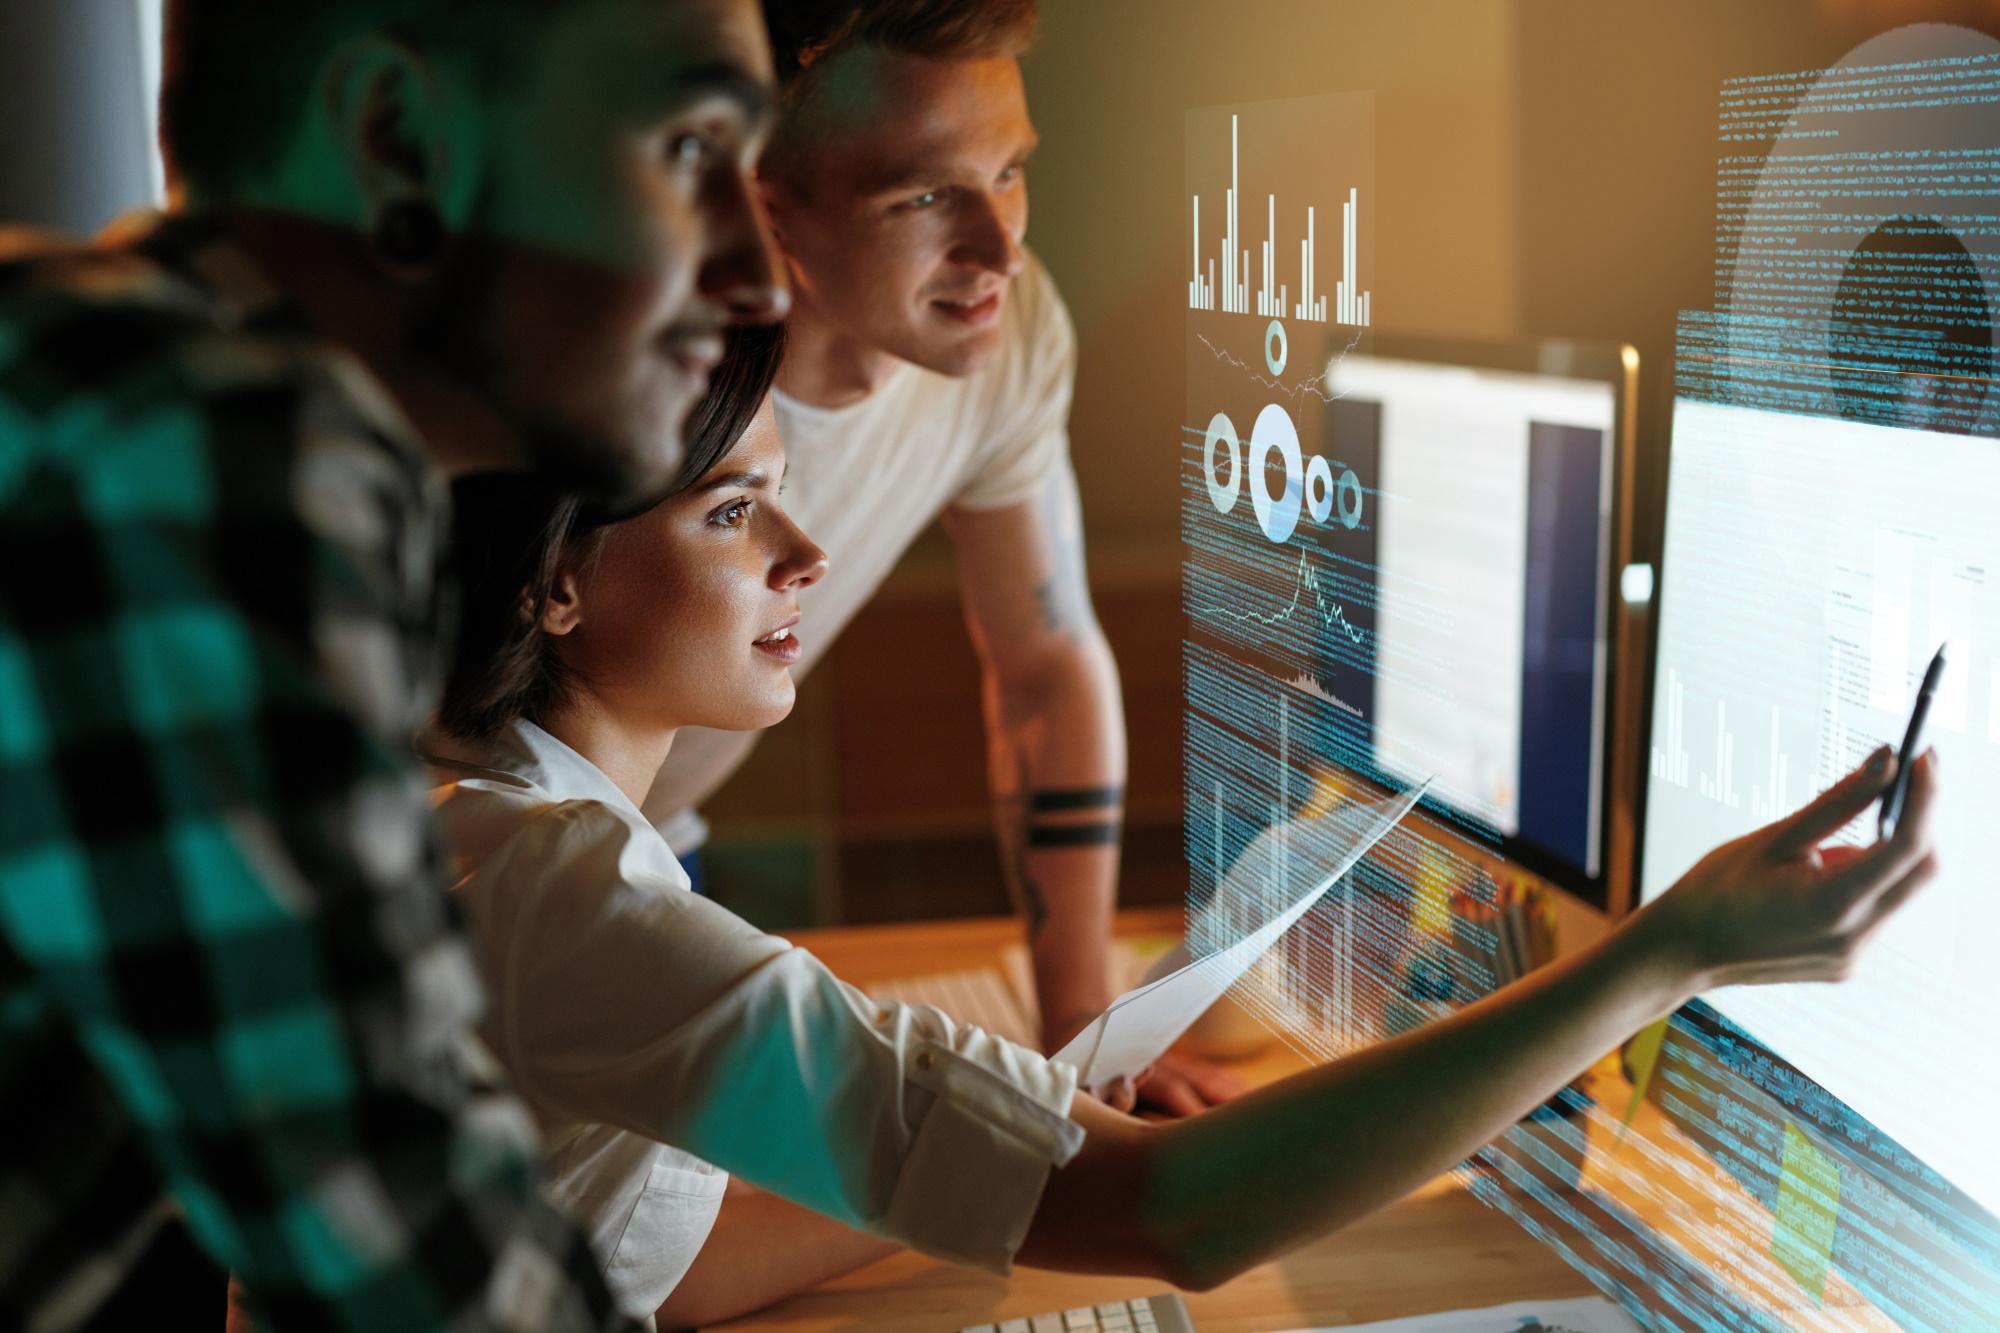 ITAINNOVA organiza una jornada, dirigida a empresas, sobre modelos de negocio basados en software